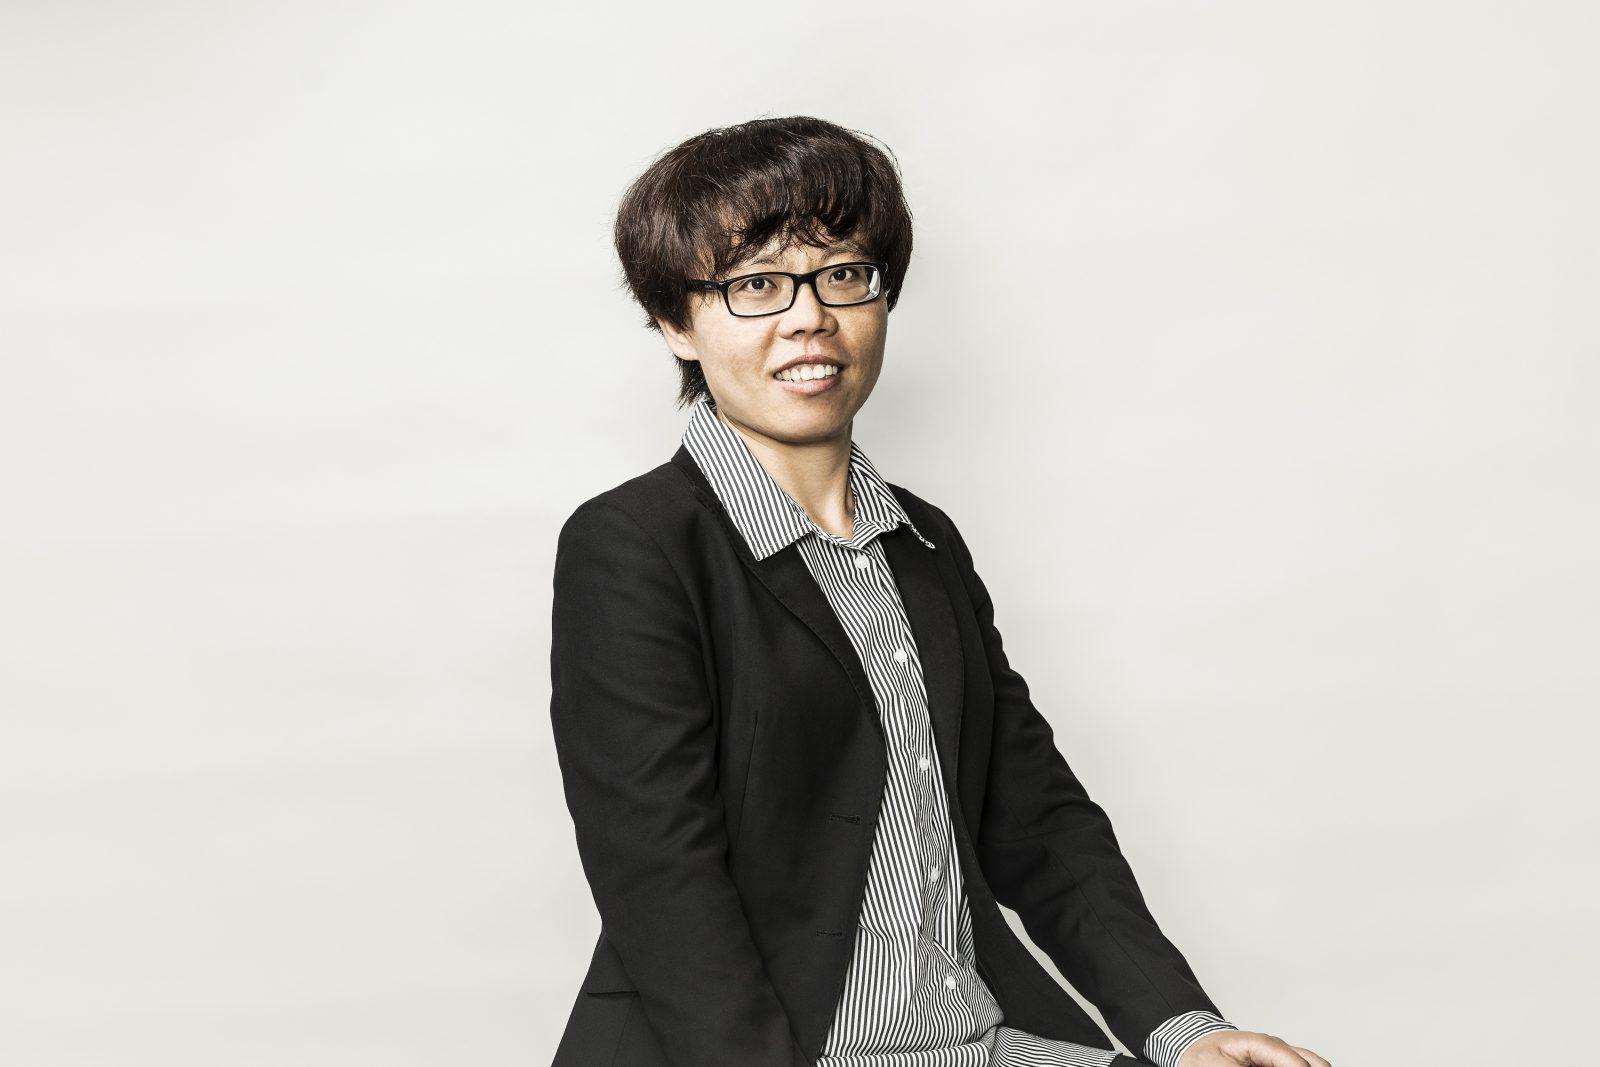 Headshot of professor Cuiying Jian